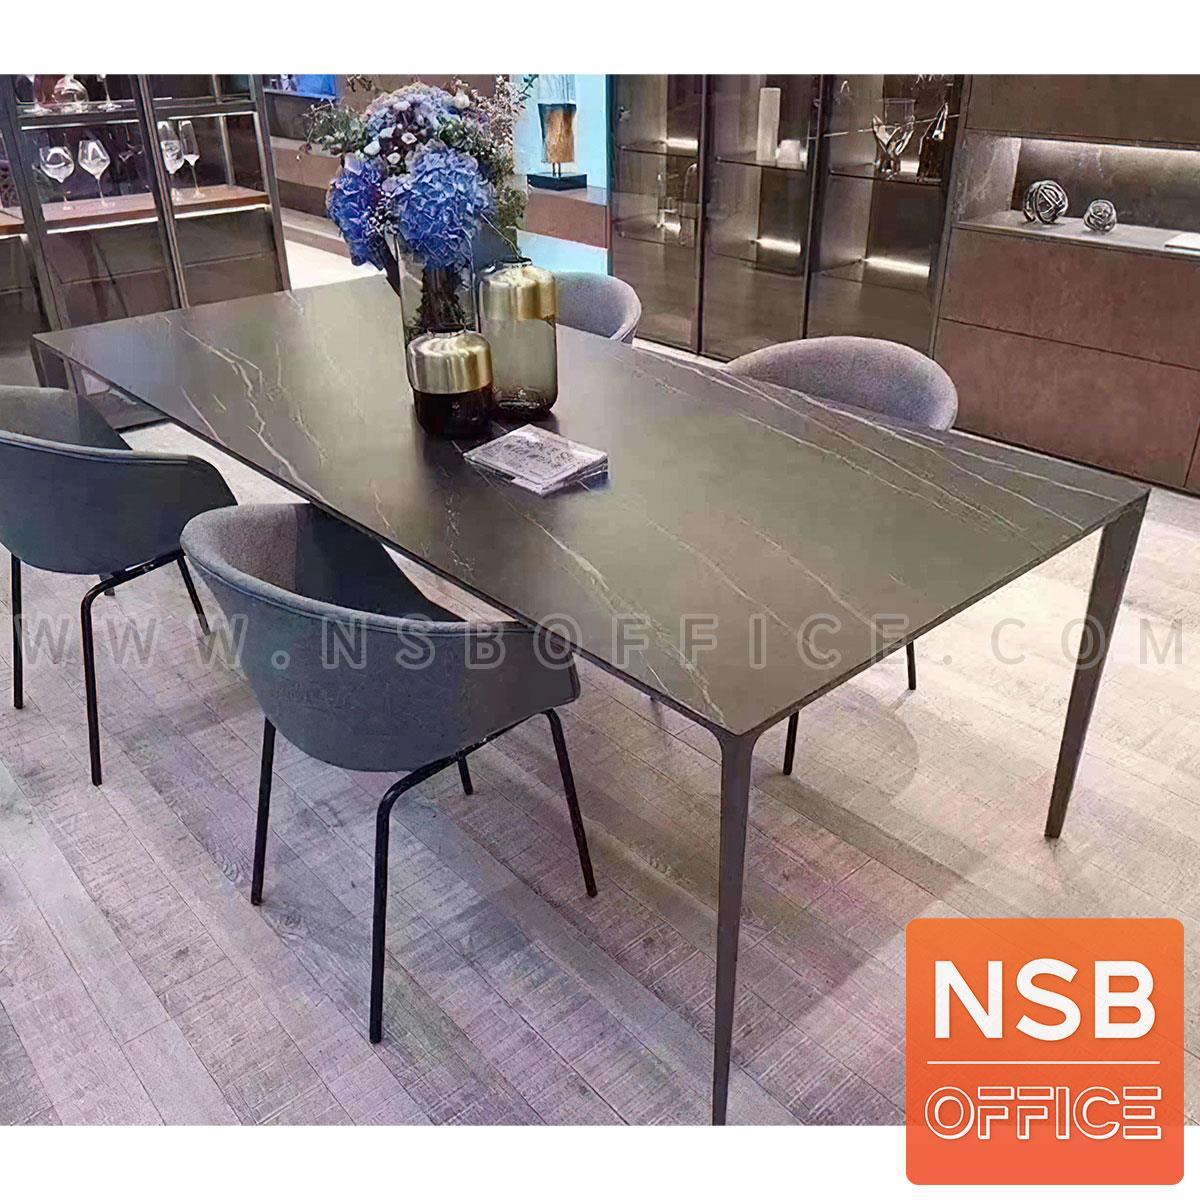 โต๊ะทรงสี่เหลี่ยม รุ่น Flexcil (เฟล็กซิล) ขนาด 240W*120D cm. ขาเหล็กสีเทาเข้ม